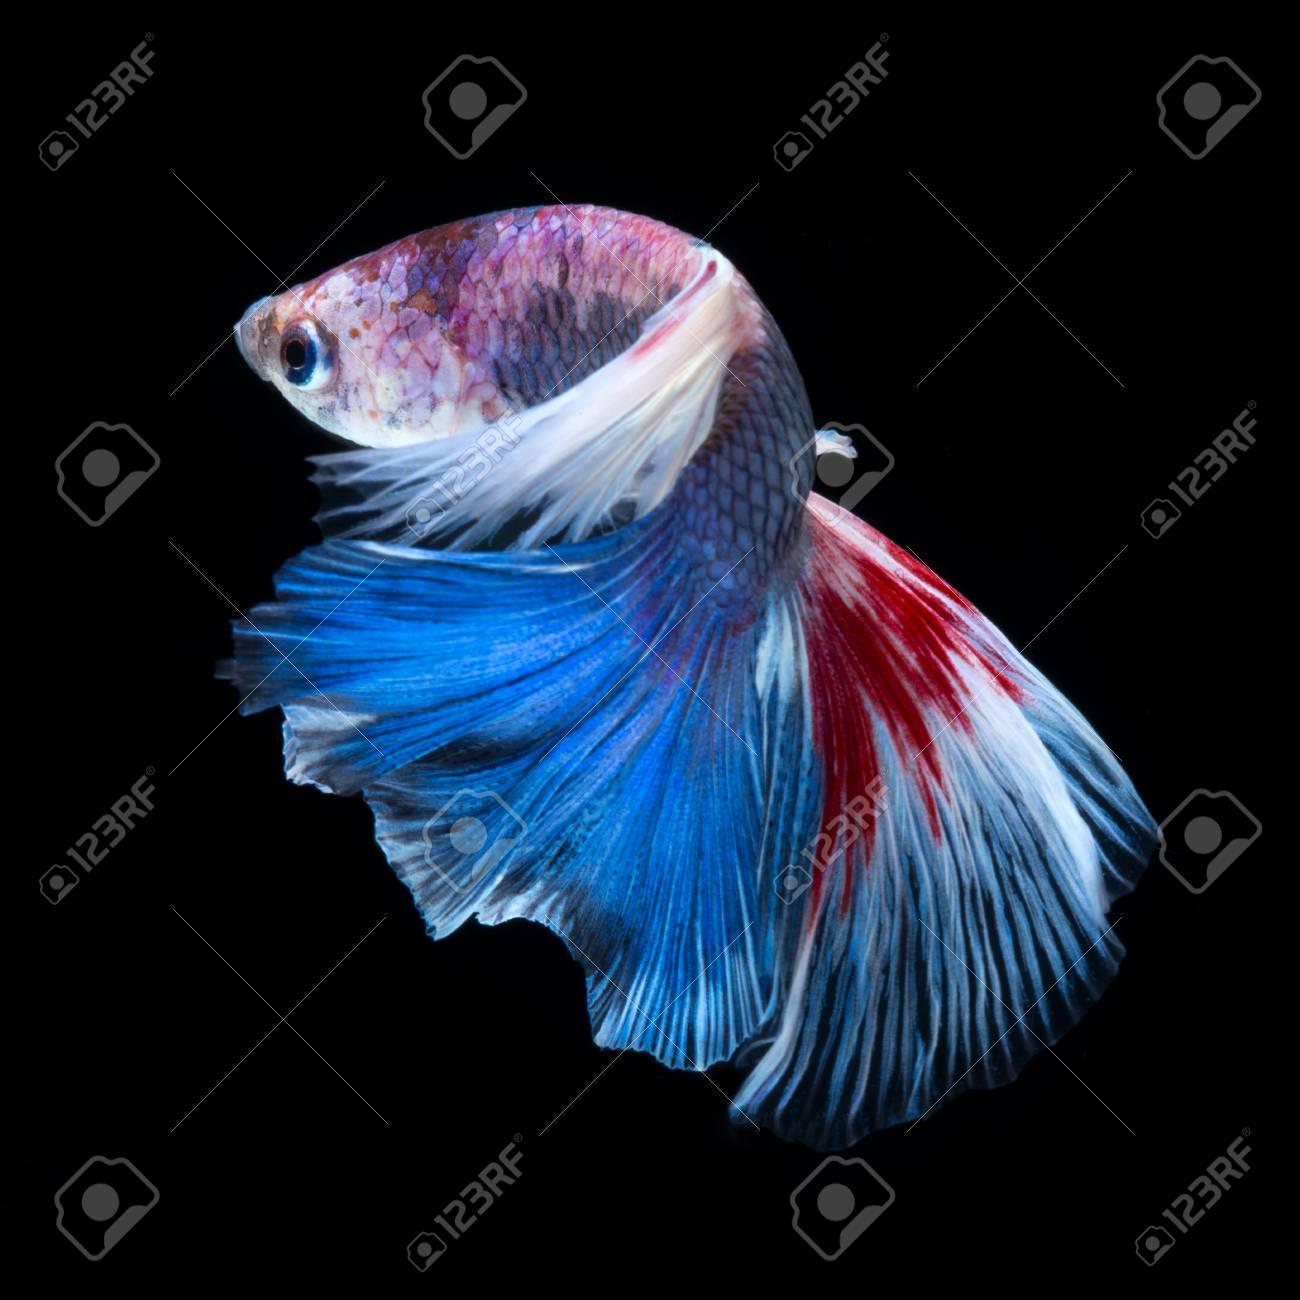 Peces Betta En Fondo Negro Captura El Momento En Movimiento De Pescado Que Lucha Siamés Rojo Azul Sobre Fondo Negro Pez Betta Peces De Tailandia